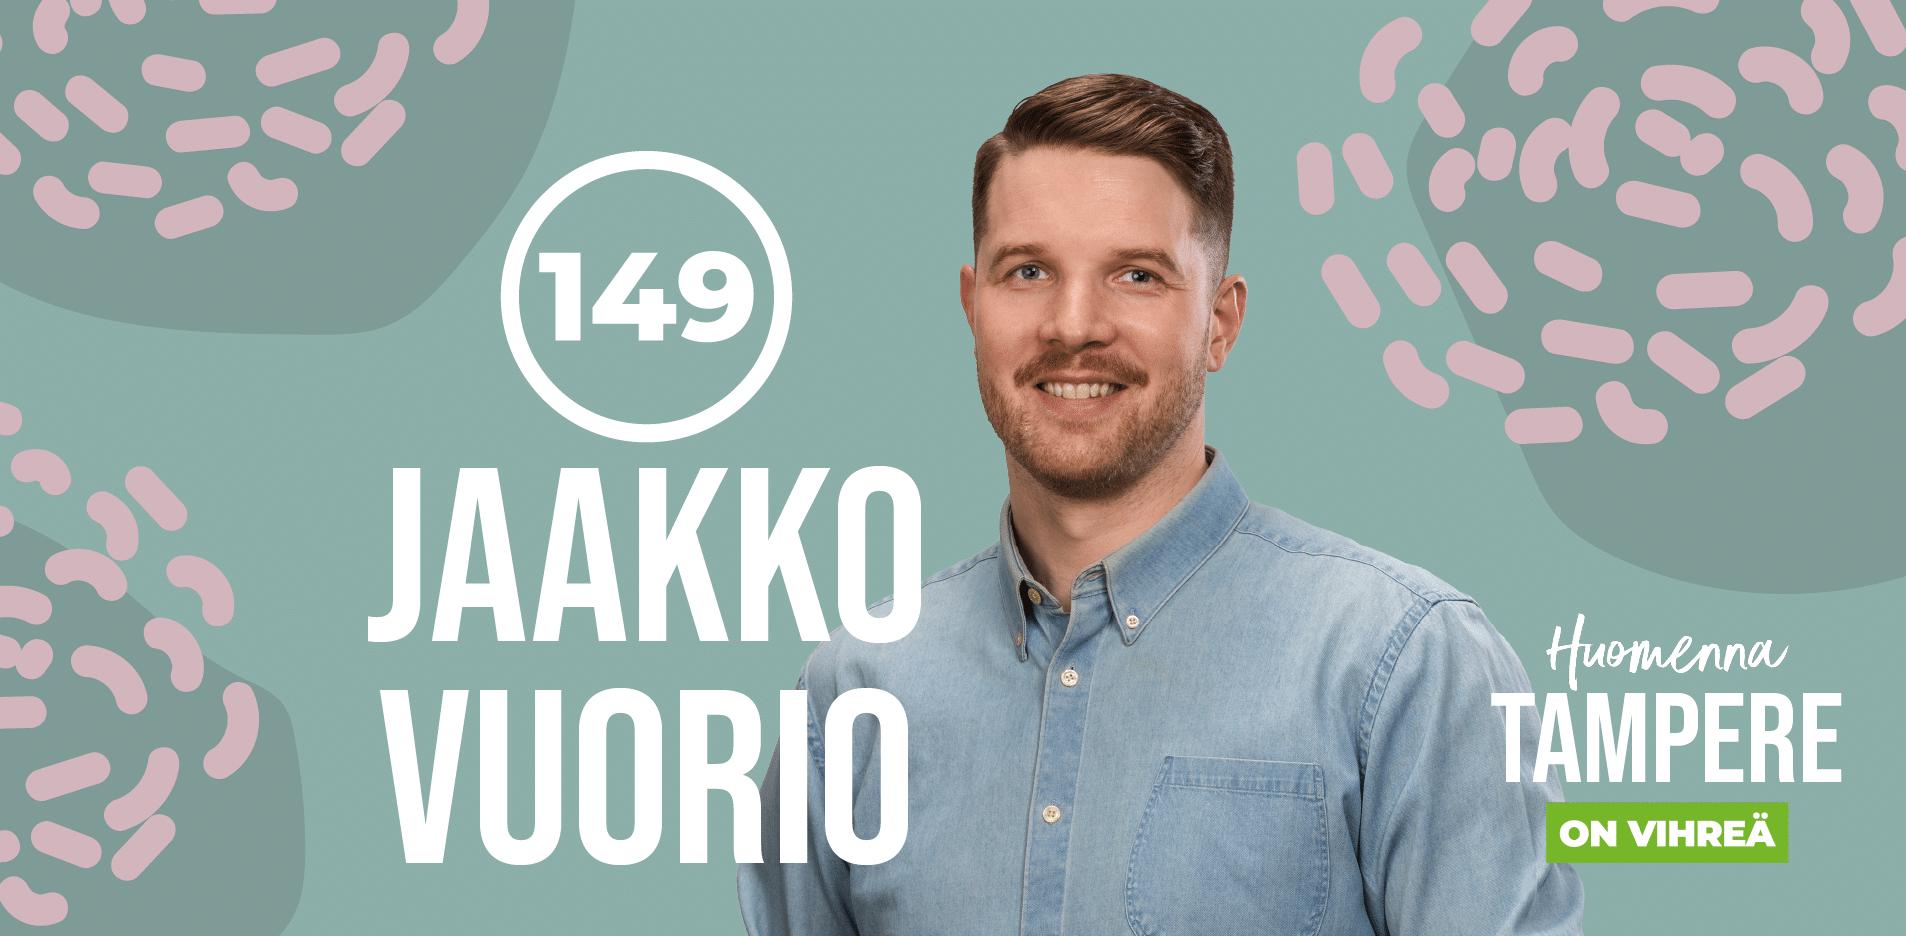 Jaakko Vuorio, ehdolla Tampereella numerolla 149